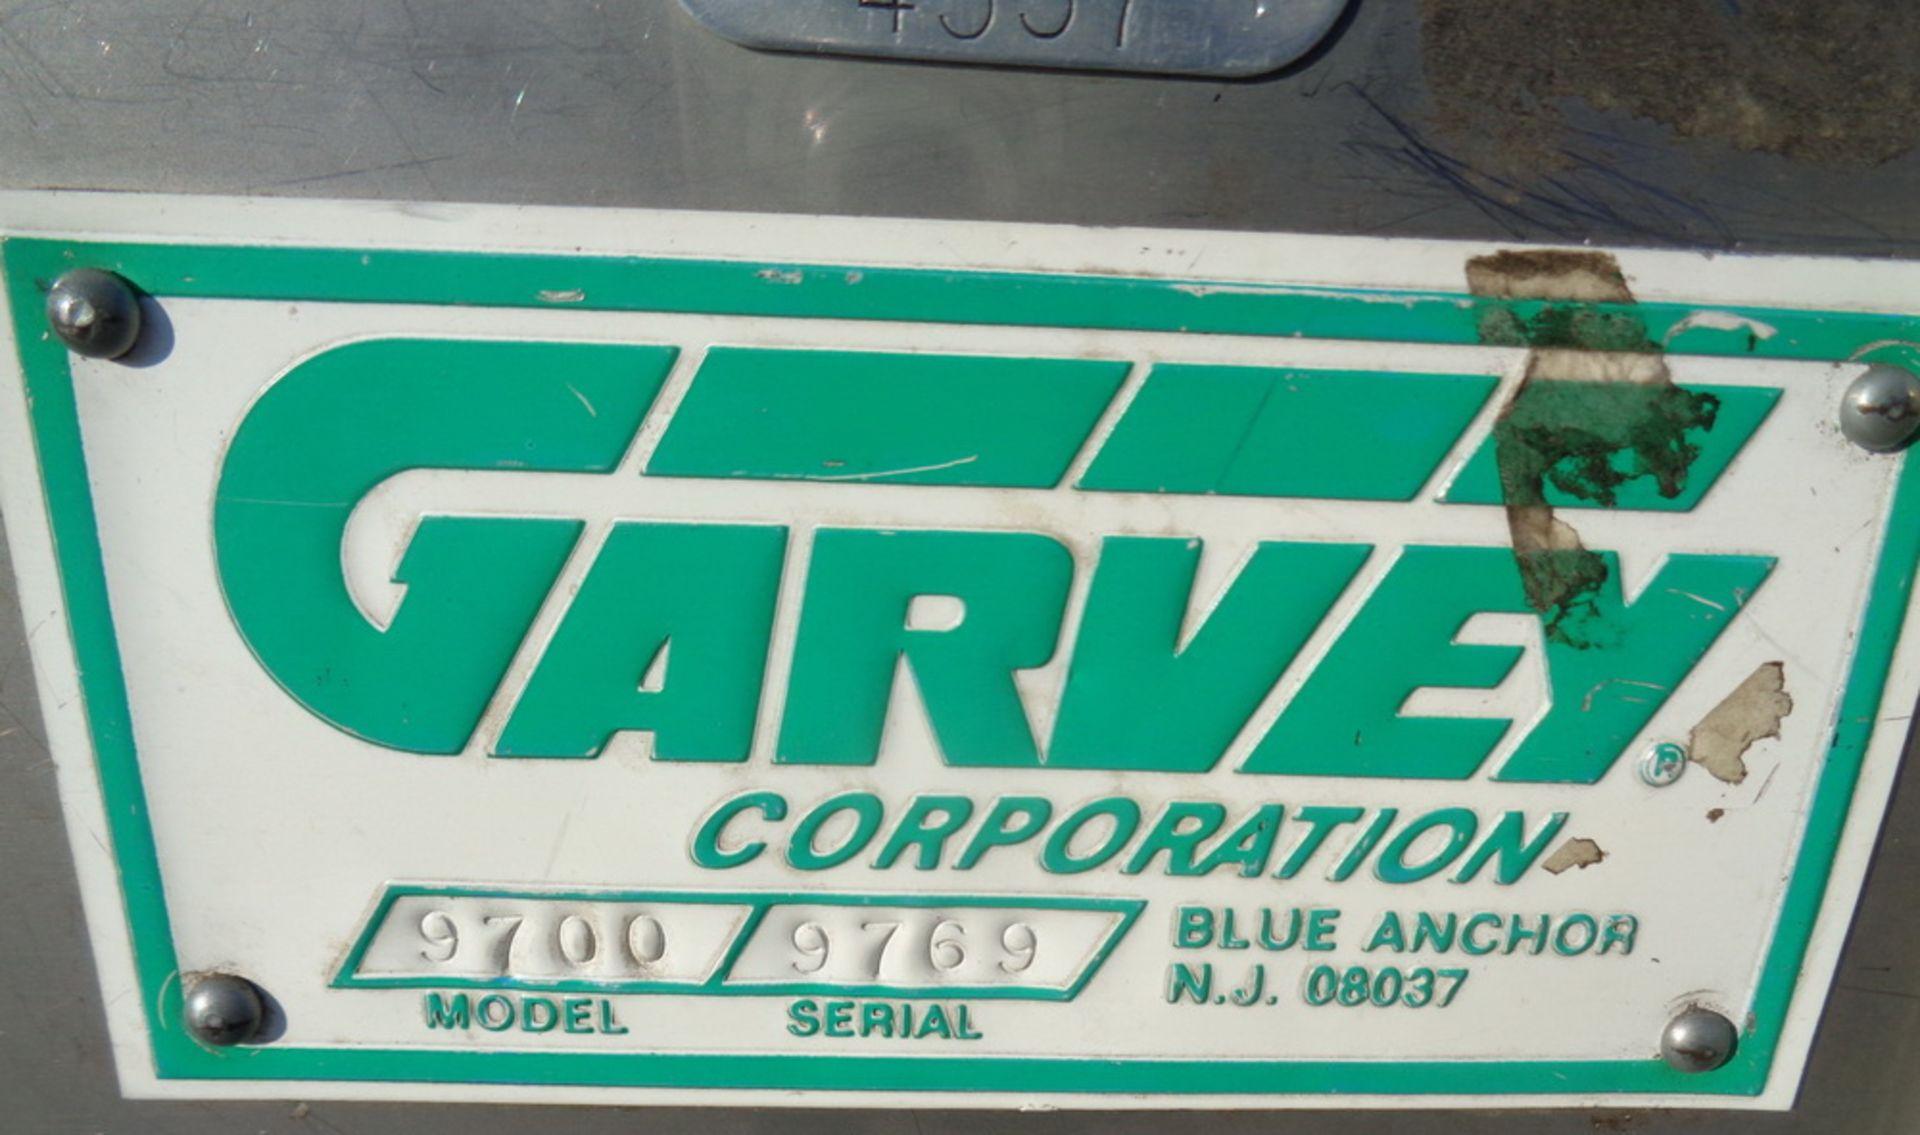 Lot 158 - Garvey Table Model 1009 970 9769